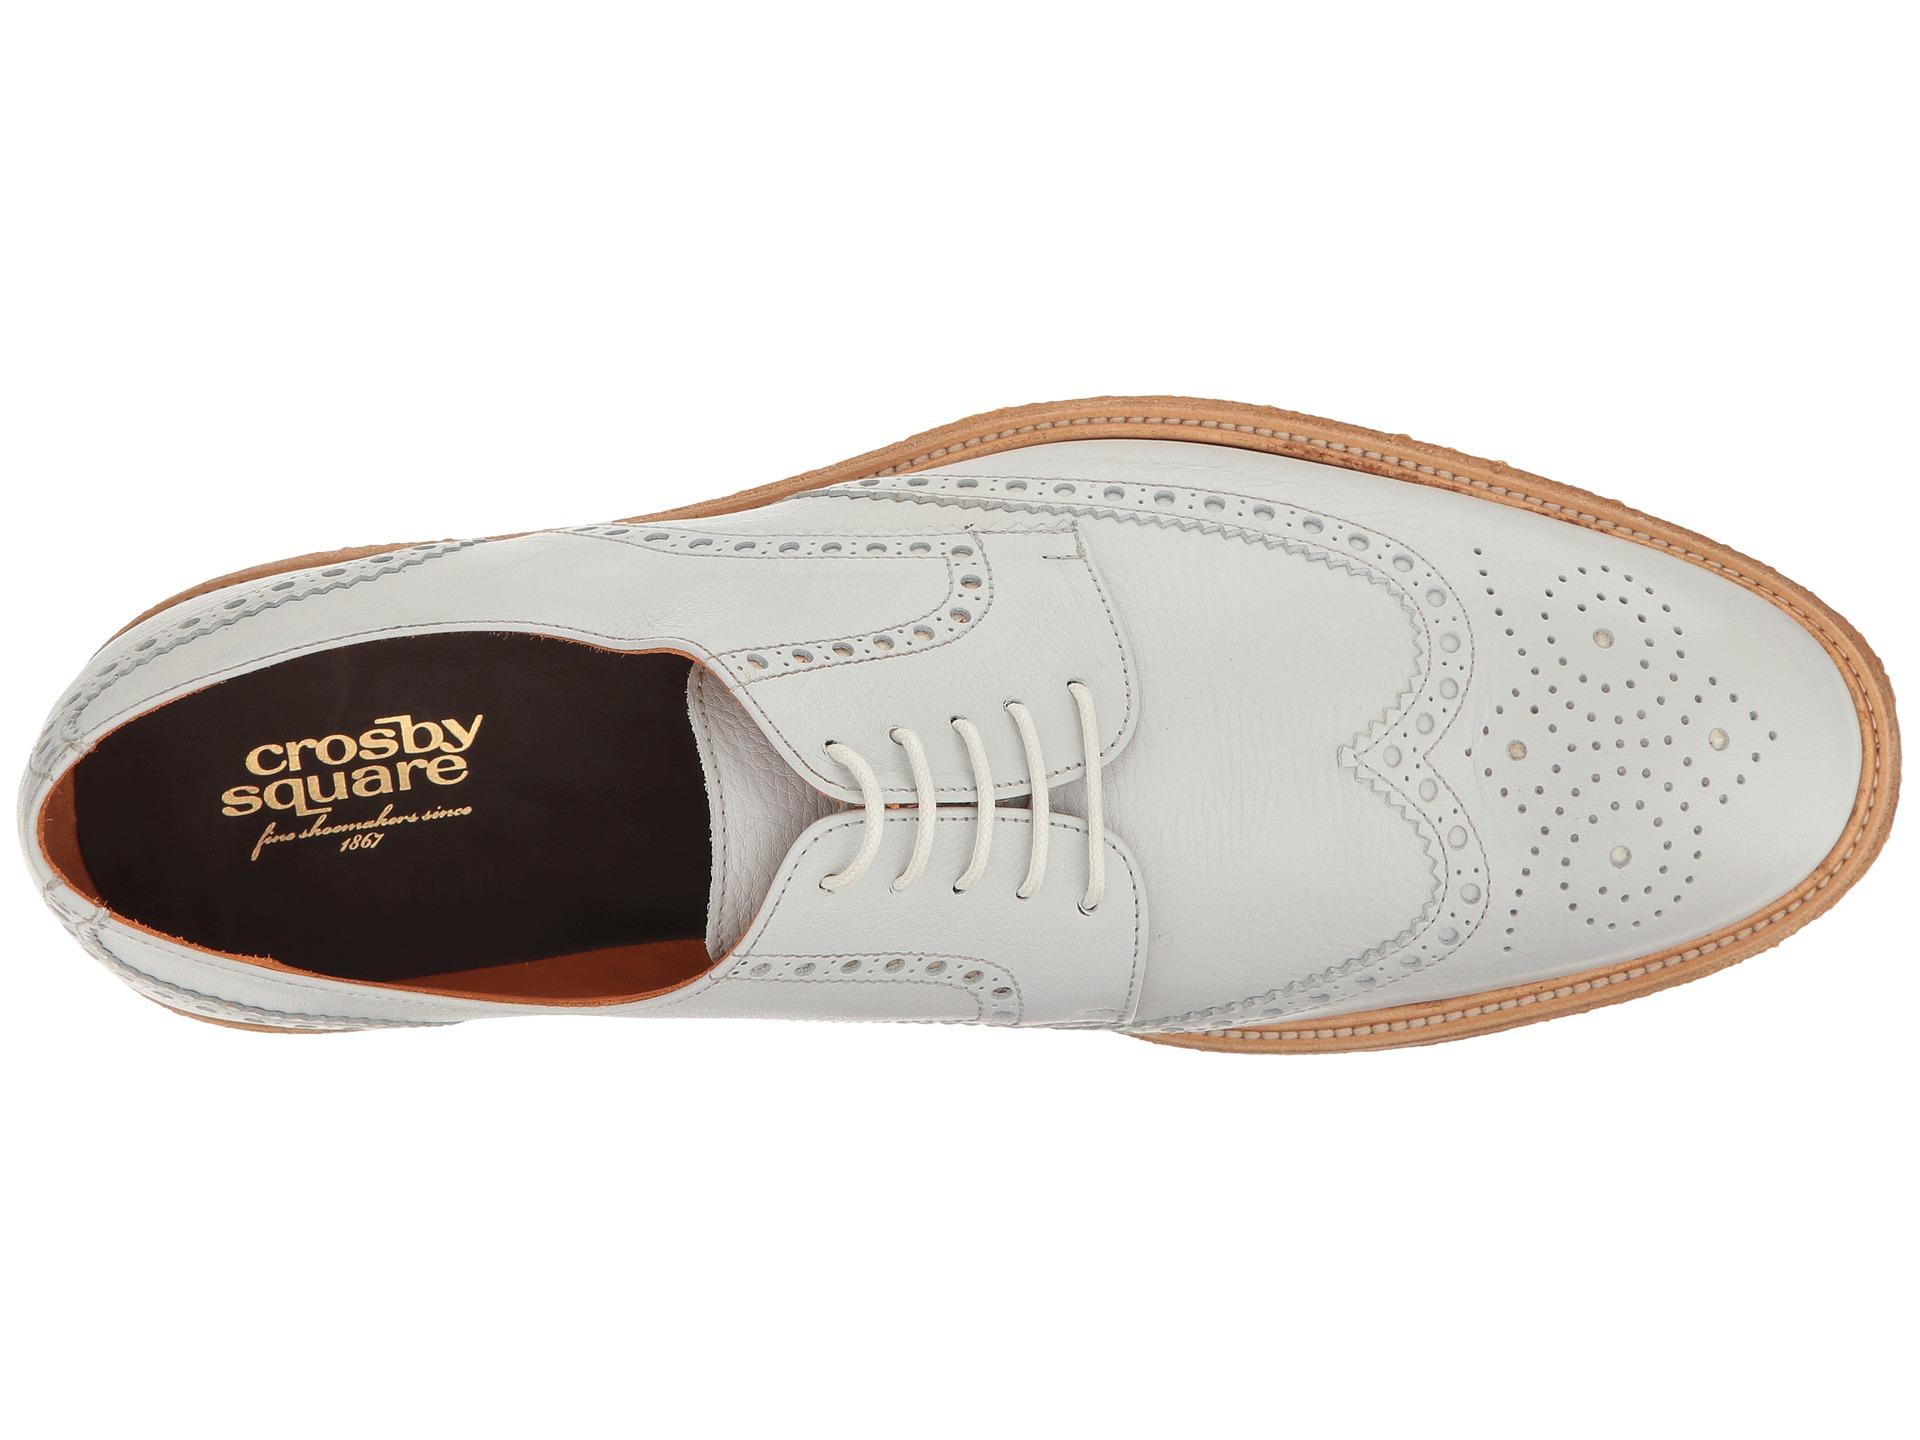 Square Toe Box Boys Running Shoe